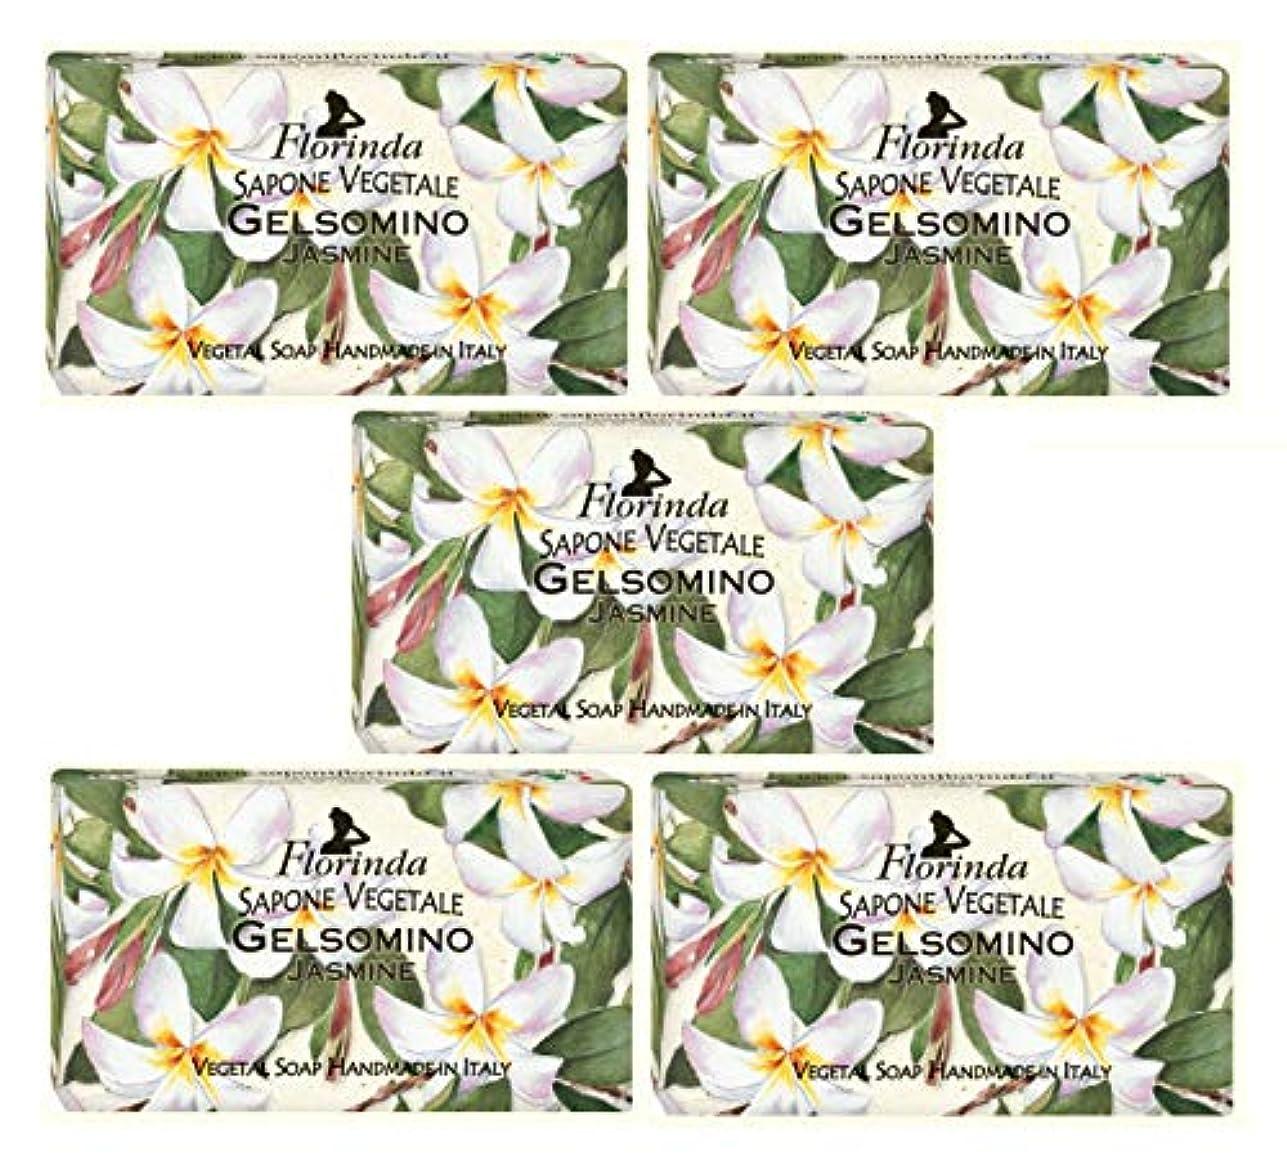 可能性メアリアンジョーンズ友情フロリンダ フレグランスソープ 固形石けん 花の香り ジャスミン 95g×5個セット